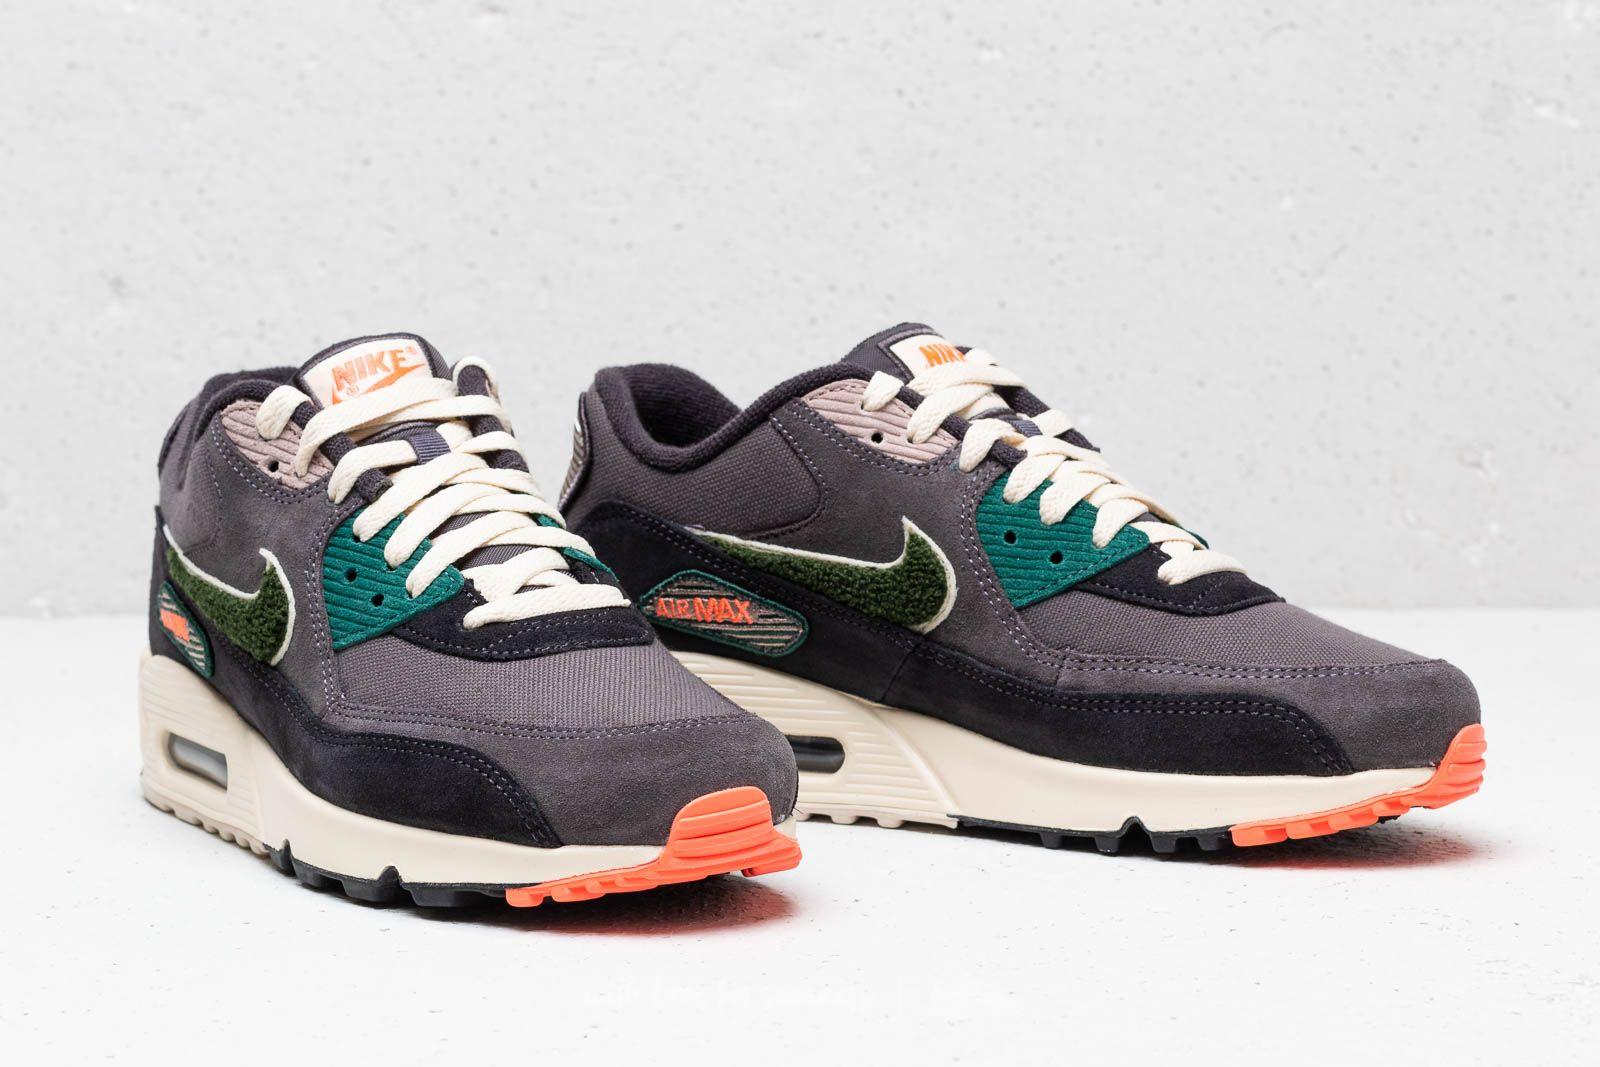 separation shoes b69ef ecce4 Nike Air Max 90 Premium SE Oli Grez/ Rainforest | Footshop